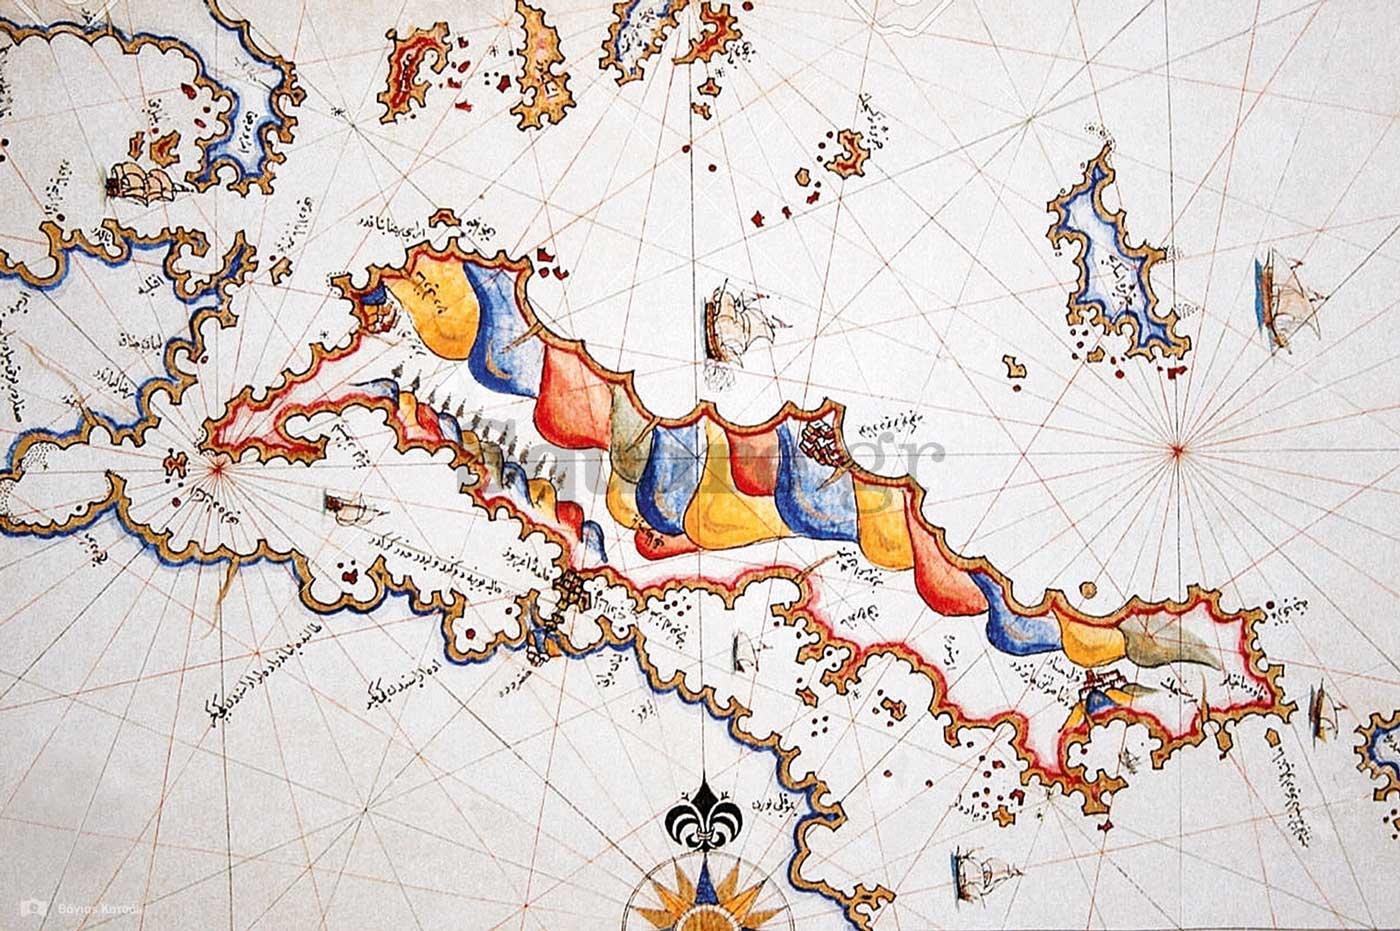 6-Χάρτης-της-Εύβοιας,-σχεδιασμένος-από-τον-Οθωμανό-ναύαρχο-και-συγγραφέα-Πίρι-Ρέις